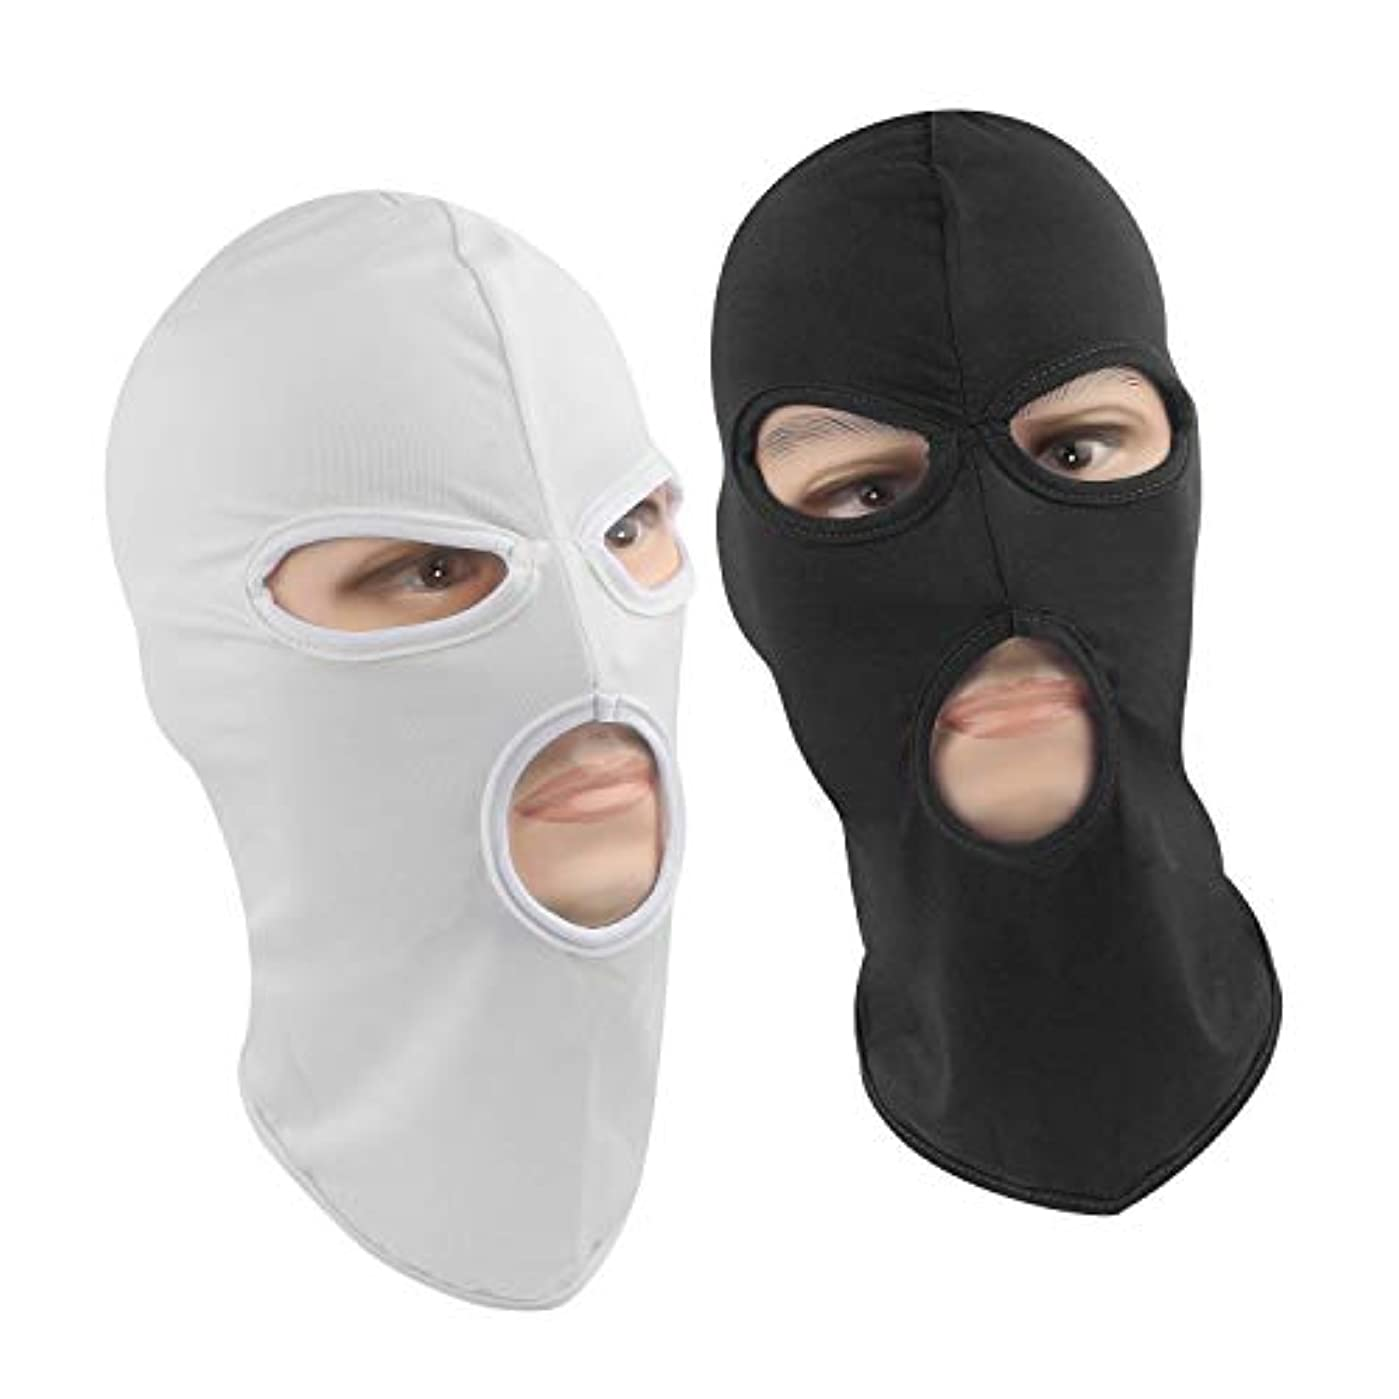 ブレス傾いた小道バラクラバマスク3ホール式 伸縮速乾 柔軟軽量 保温通気 UVカット 防風 フルフェイスマスク,ブラック+白,2個